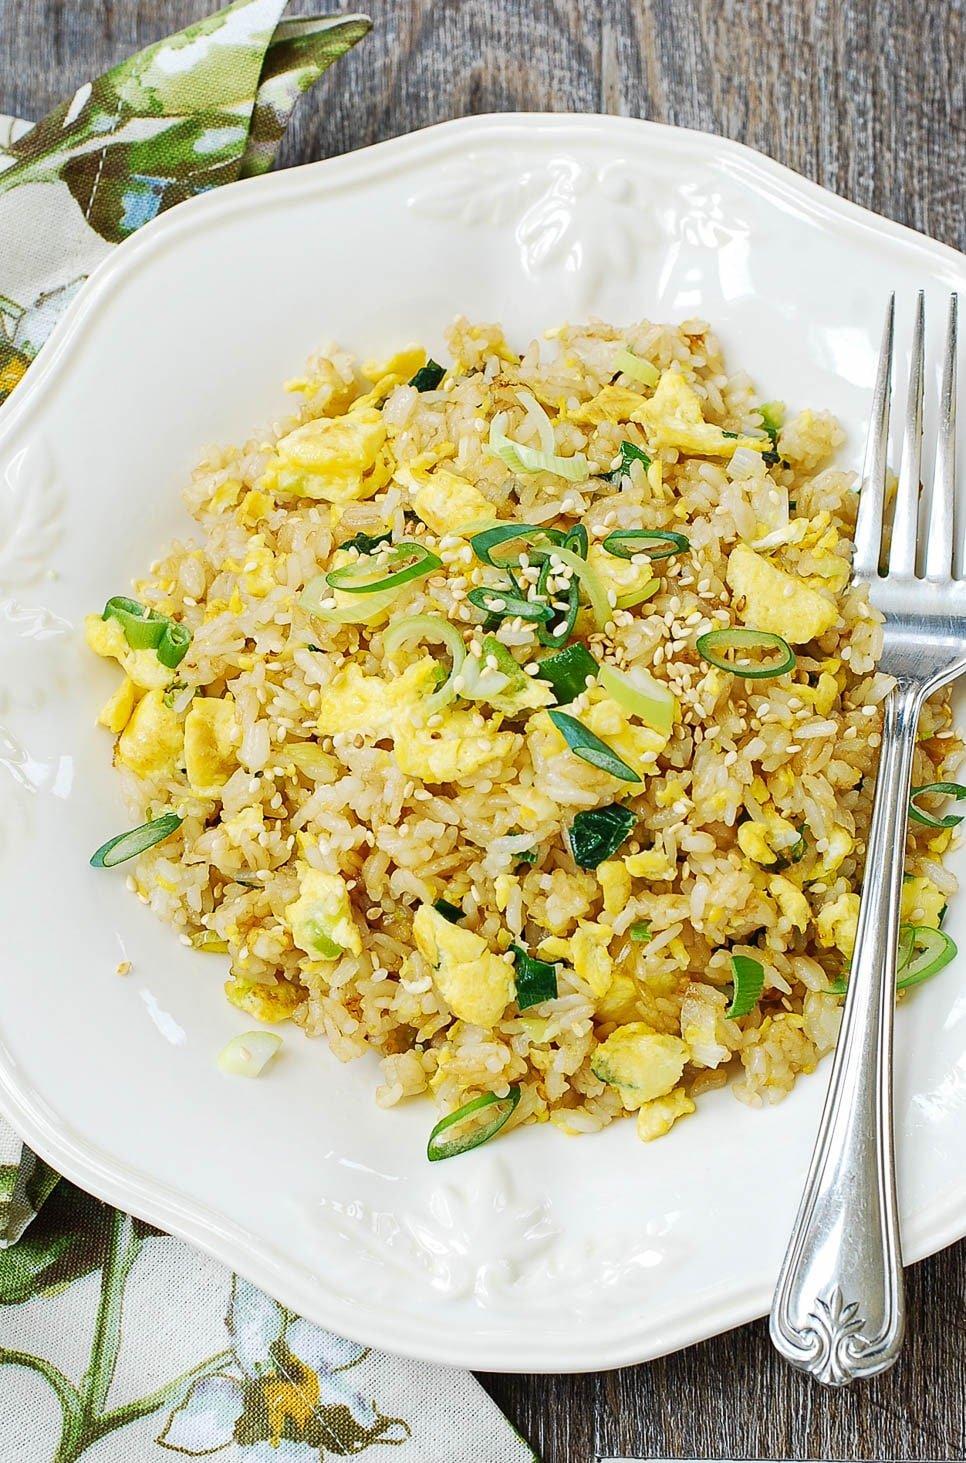 DSC 1919 1 - Egg Fried Rice (Gyeran Bokkeumbap)